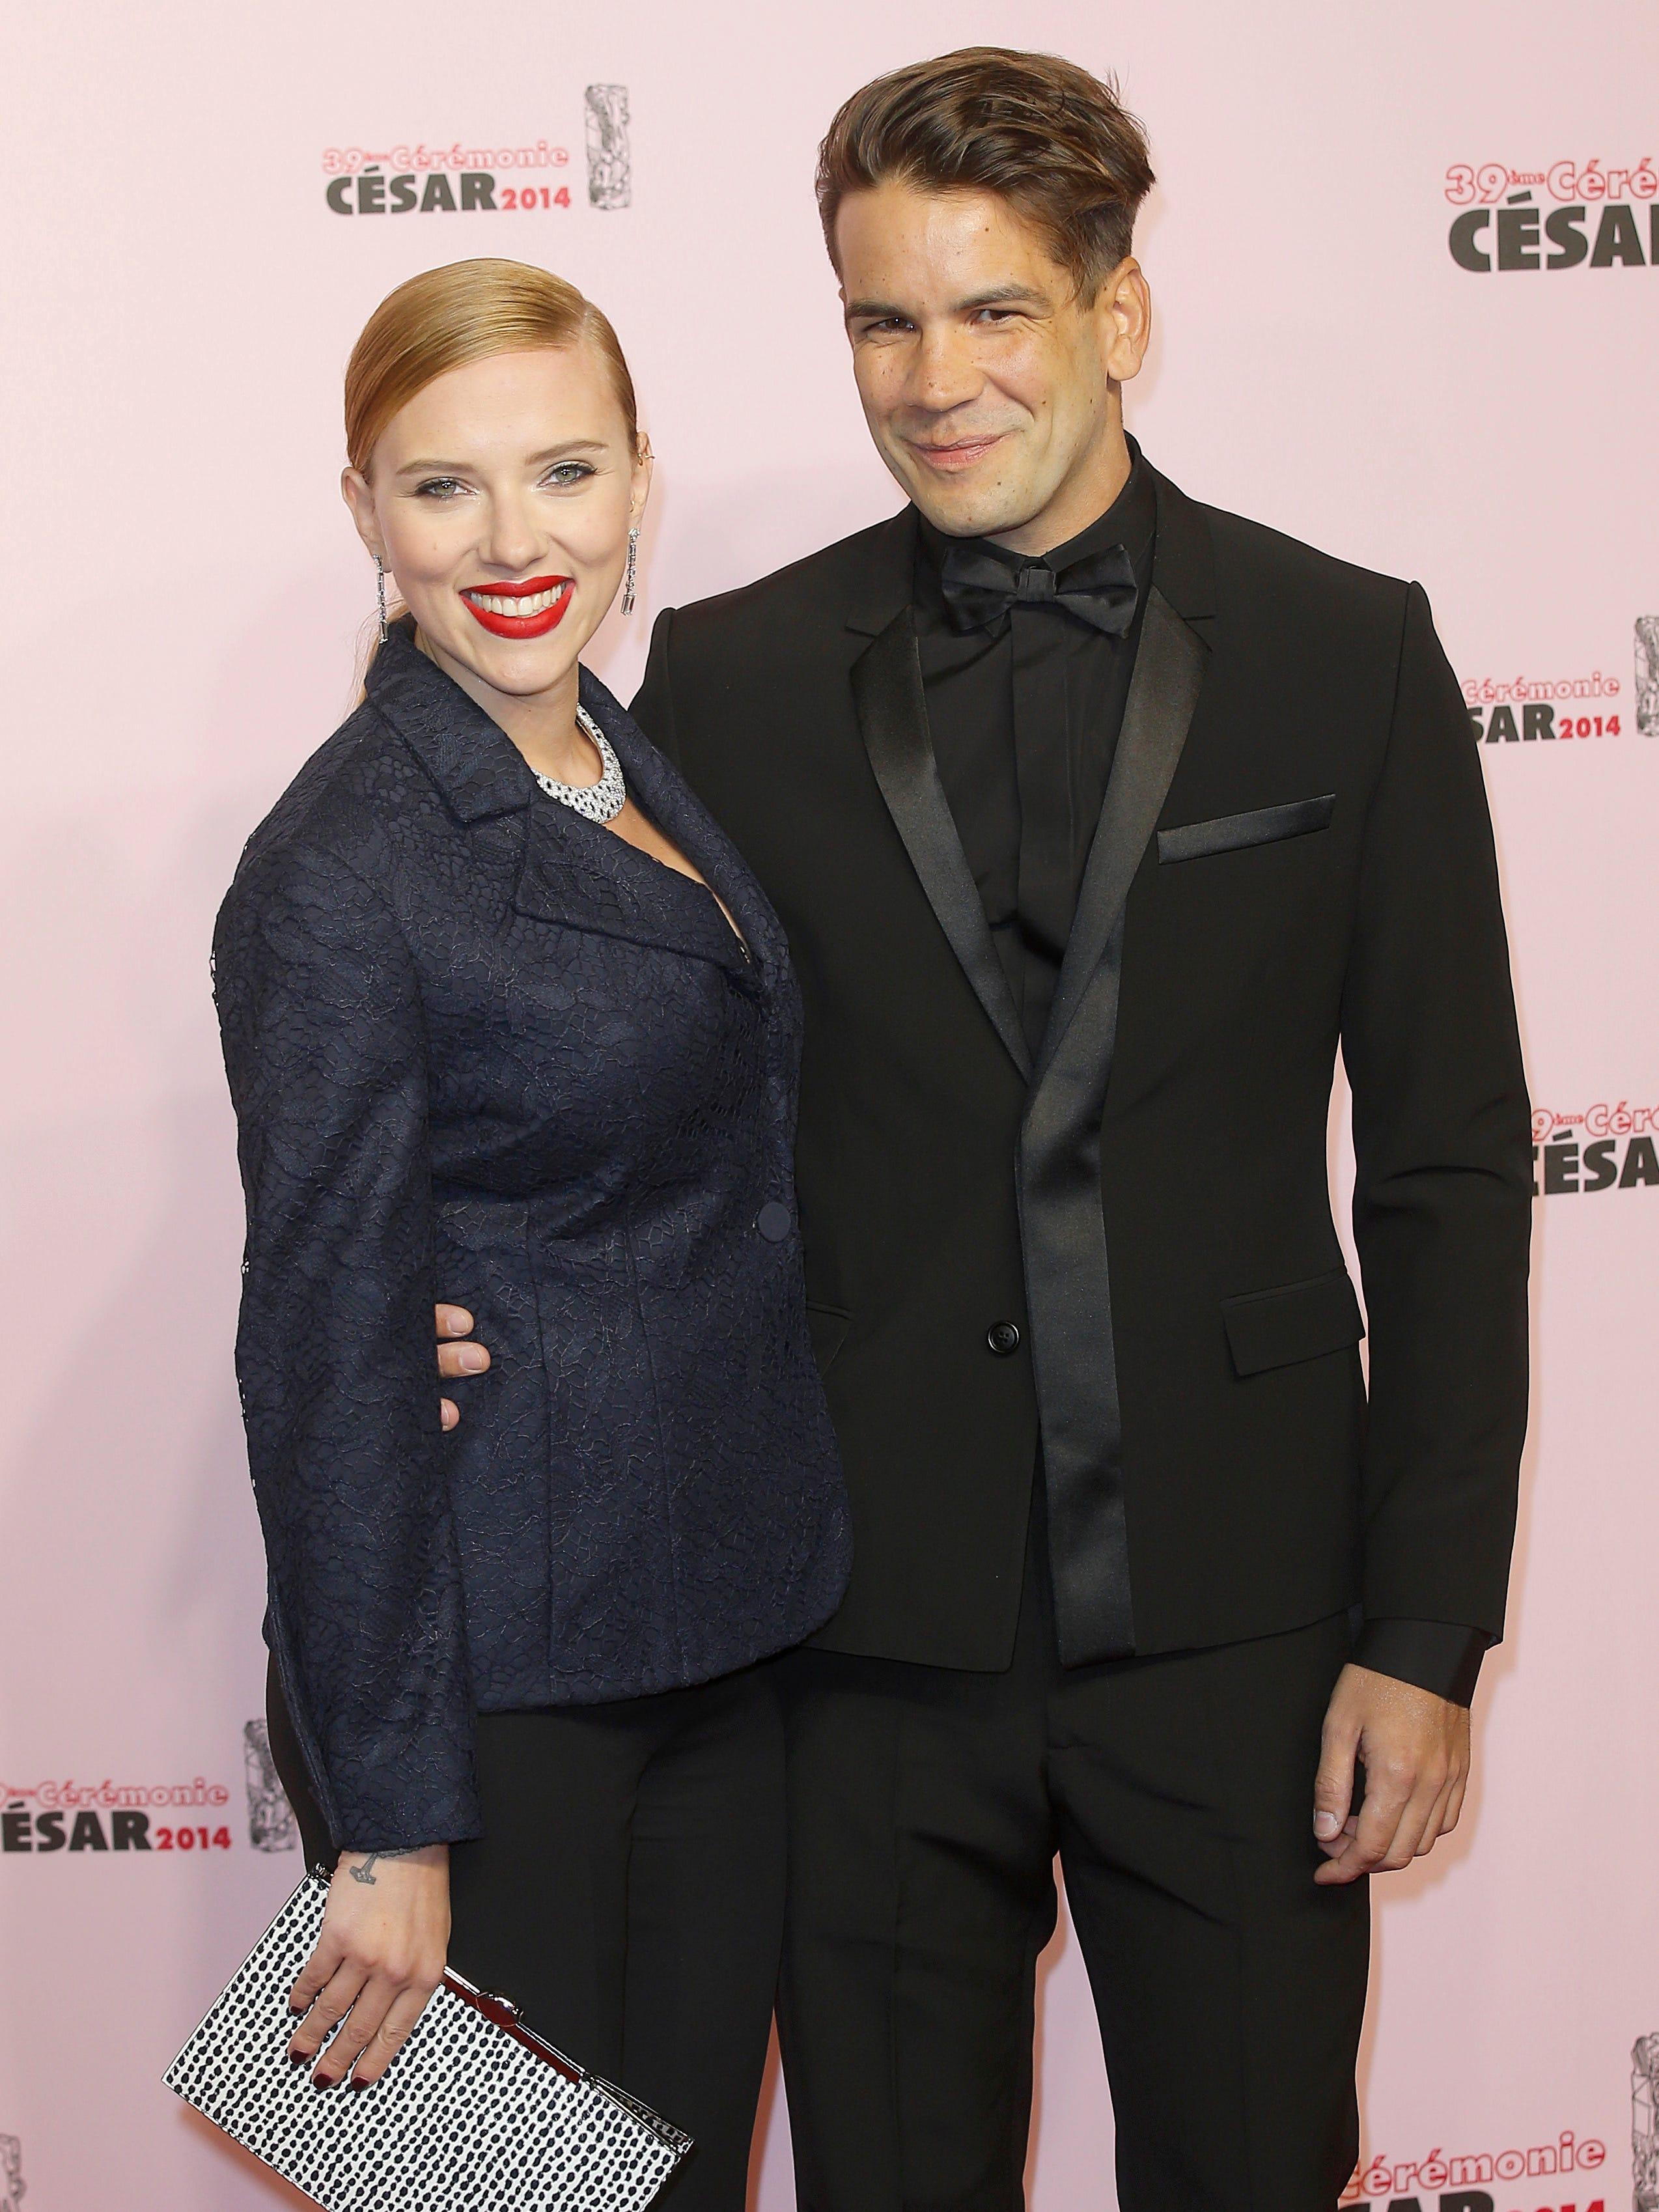 Scarlett Johansson's ex Divorce filing made custody fight a ...